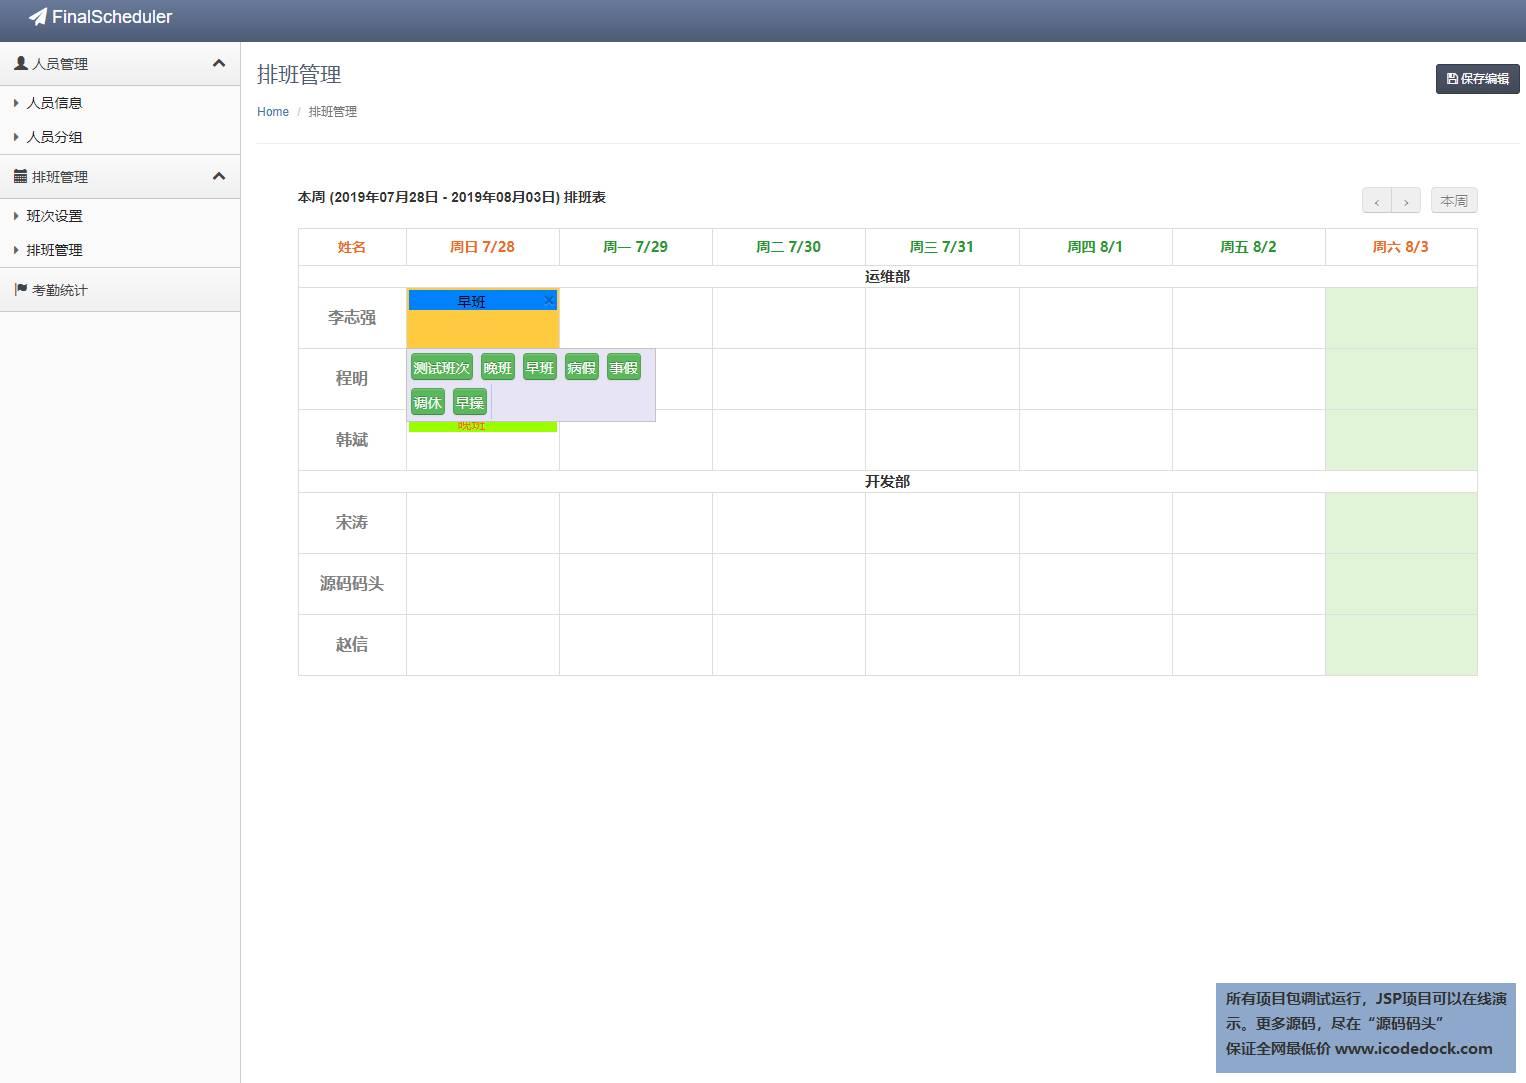 源码码头-Spring自动排班管理系统-管理员角色-排班管理